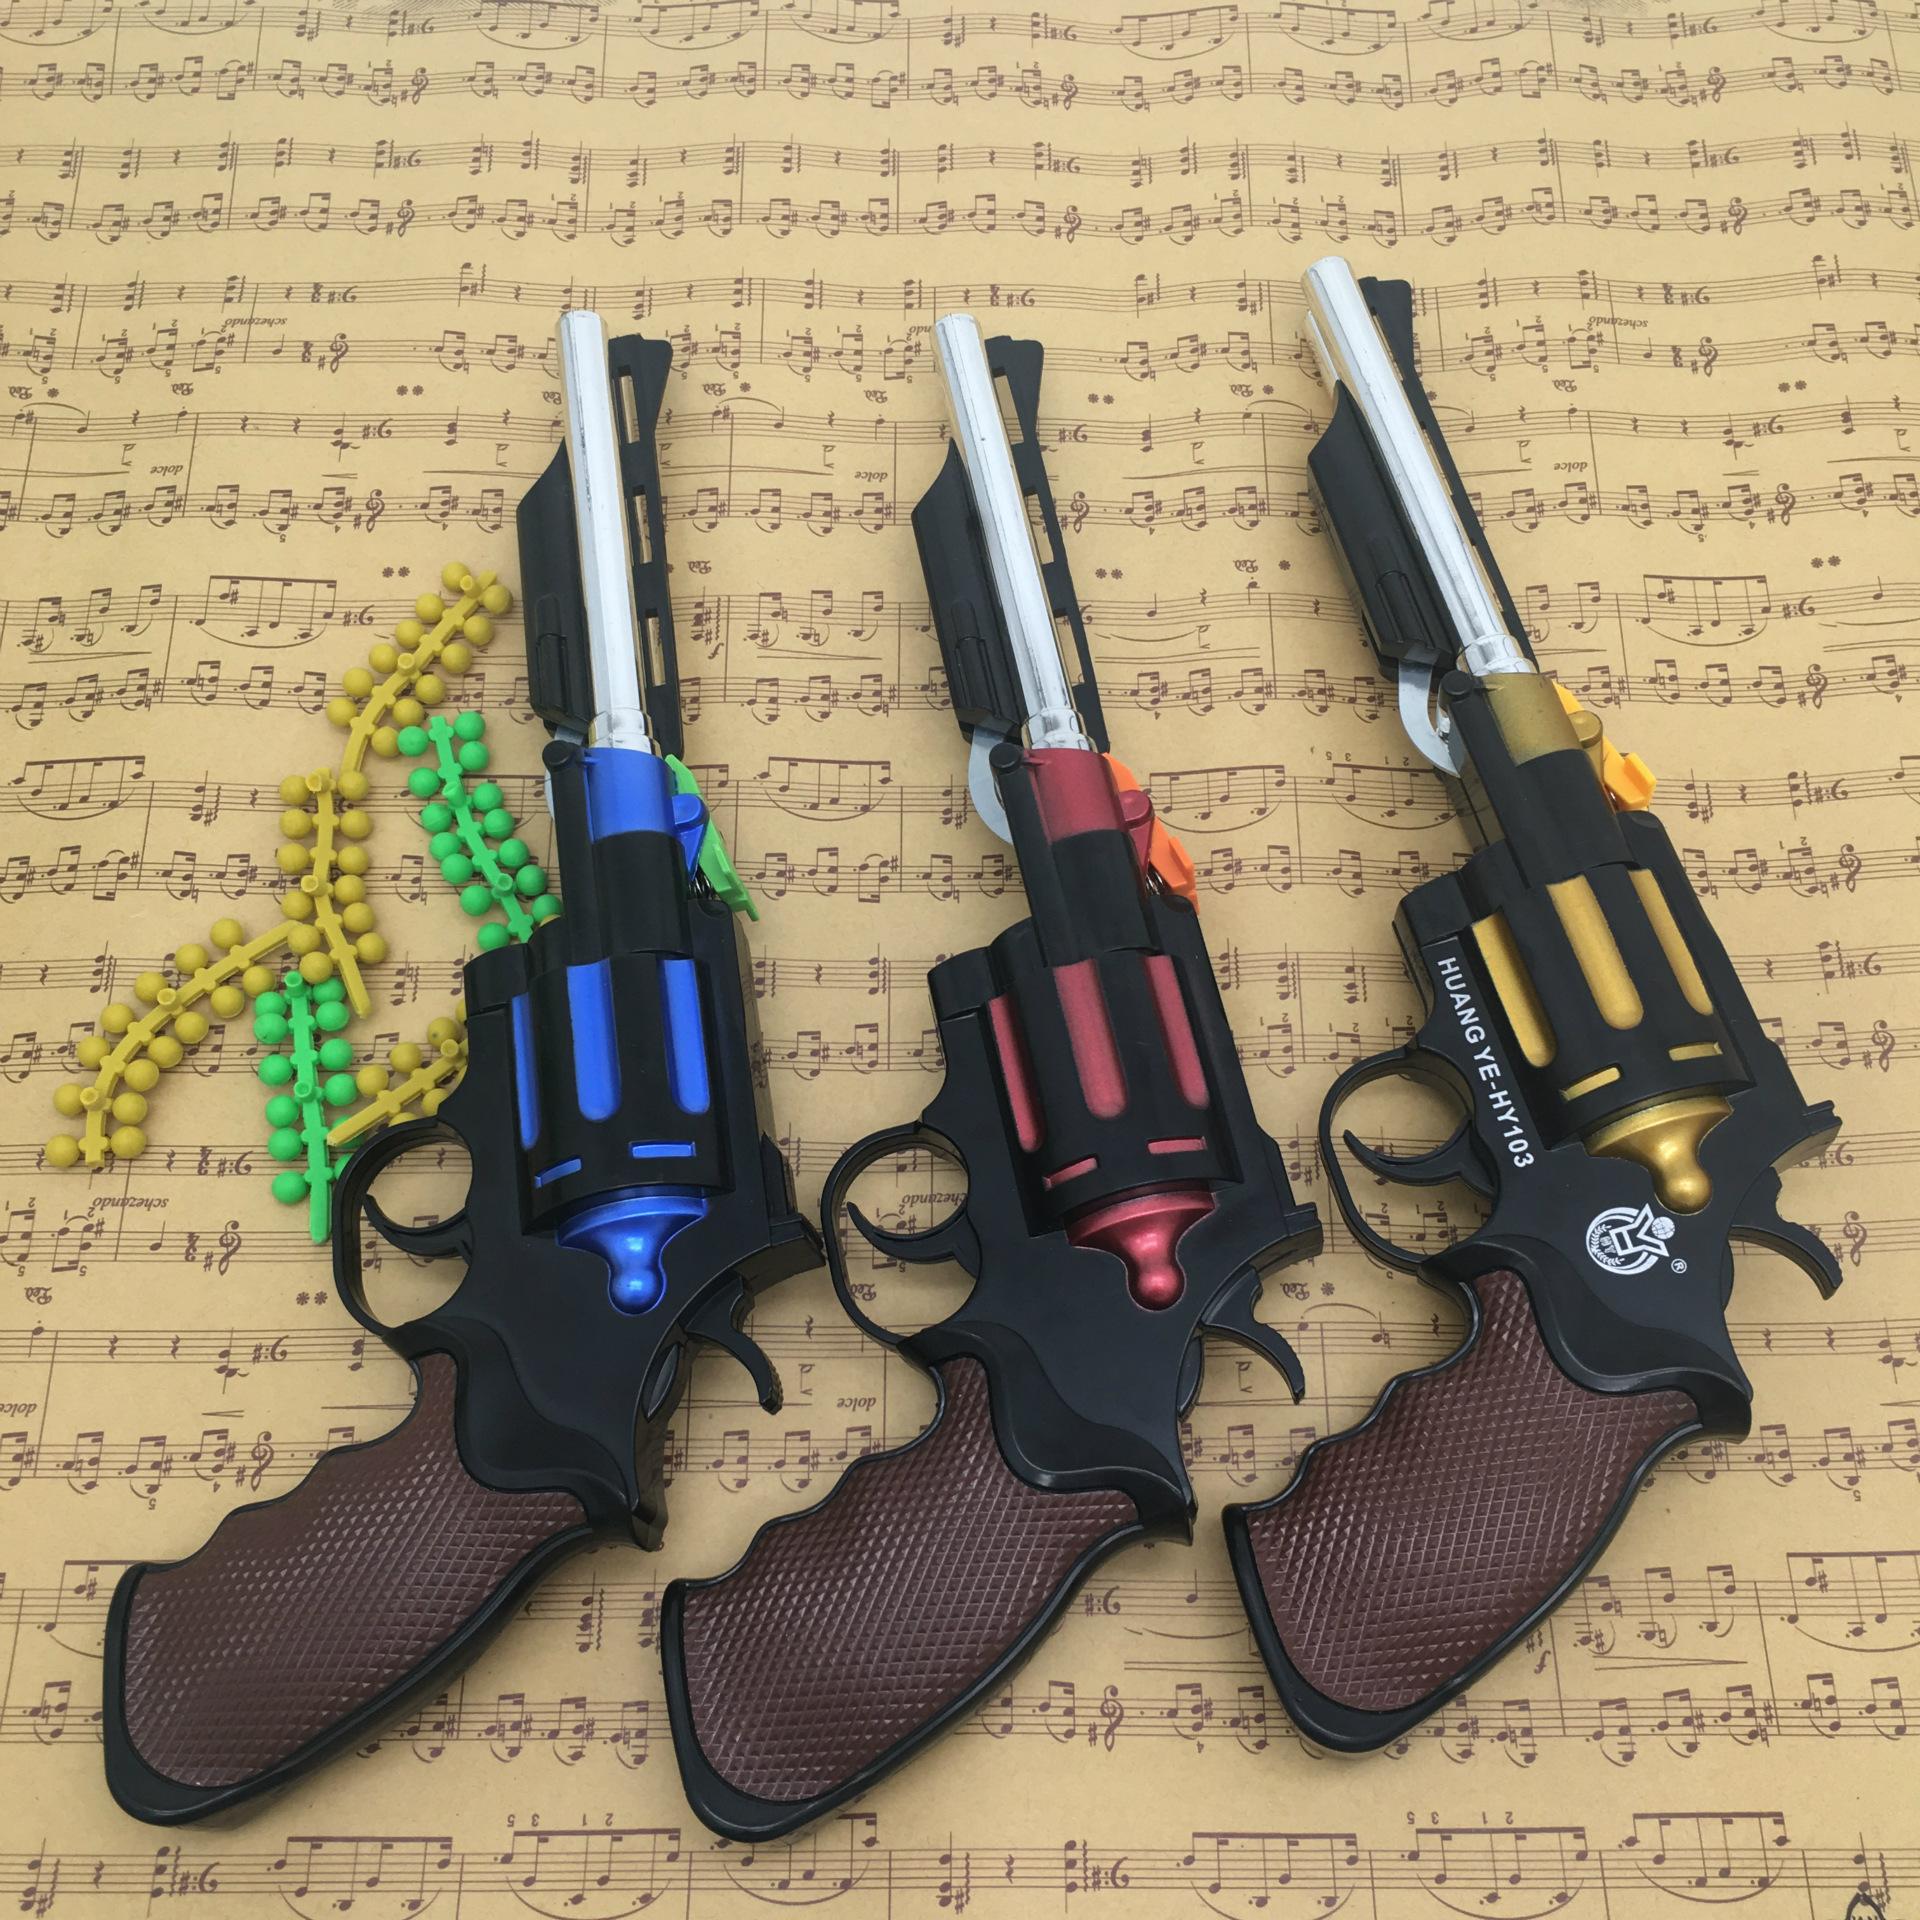 儿童软弹枪安全手枪玩具双管打气左轮软弹枪中折式玉米弹连发地摊